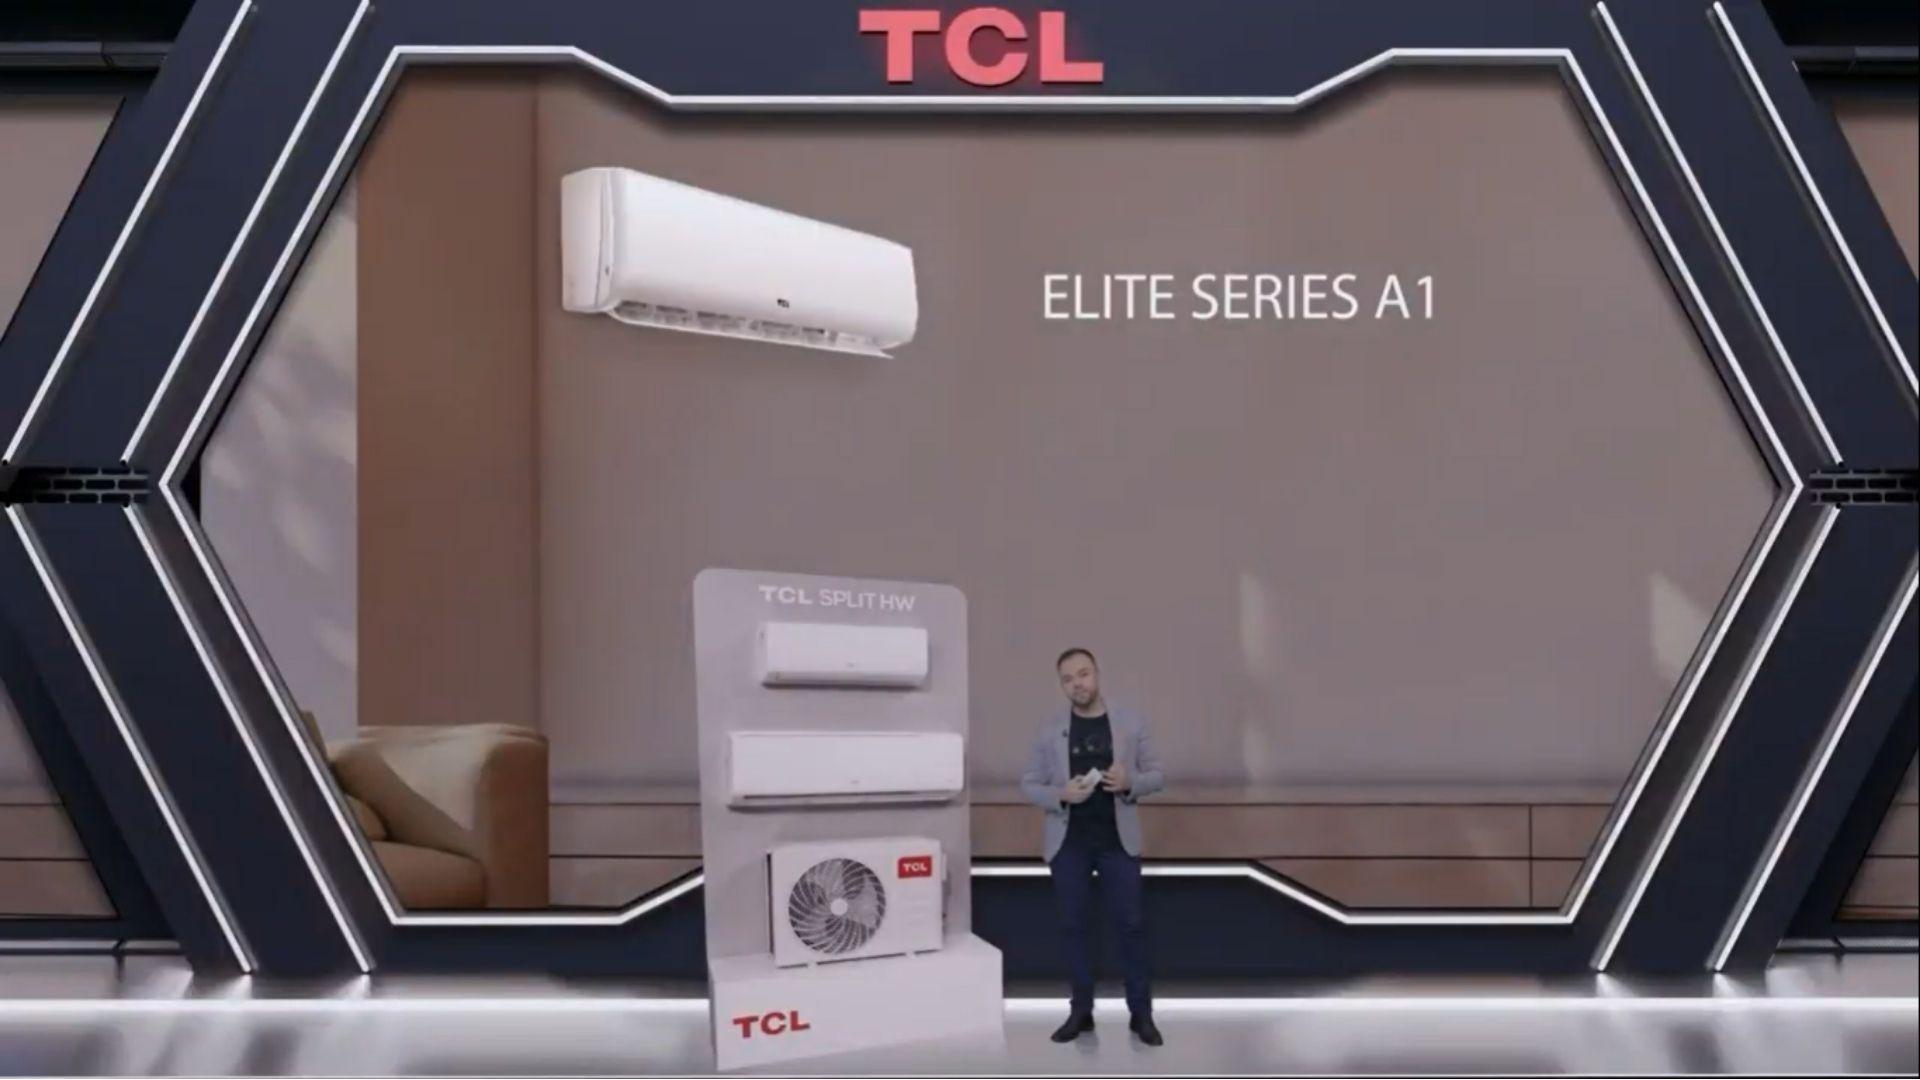 Linha Elite é a nova série de aparelhos de ar condicionado da TCL. (Imagem: Reprodução/TCL)